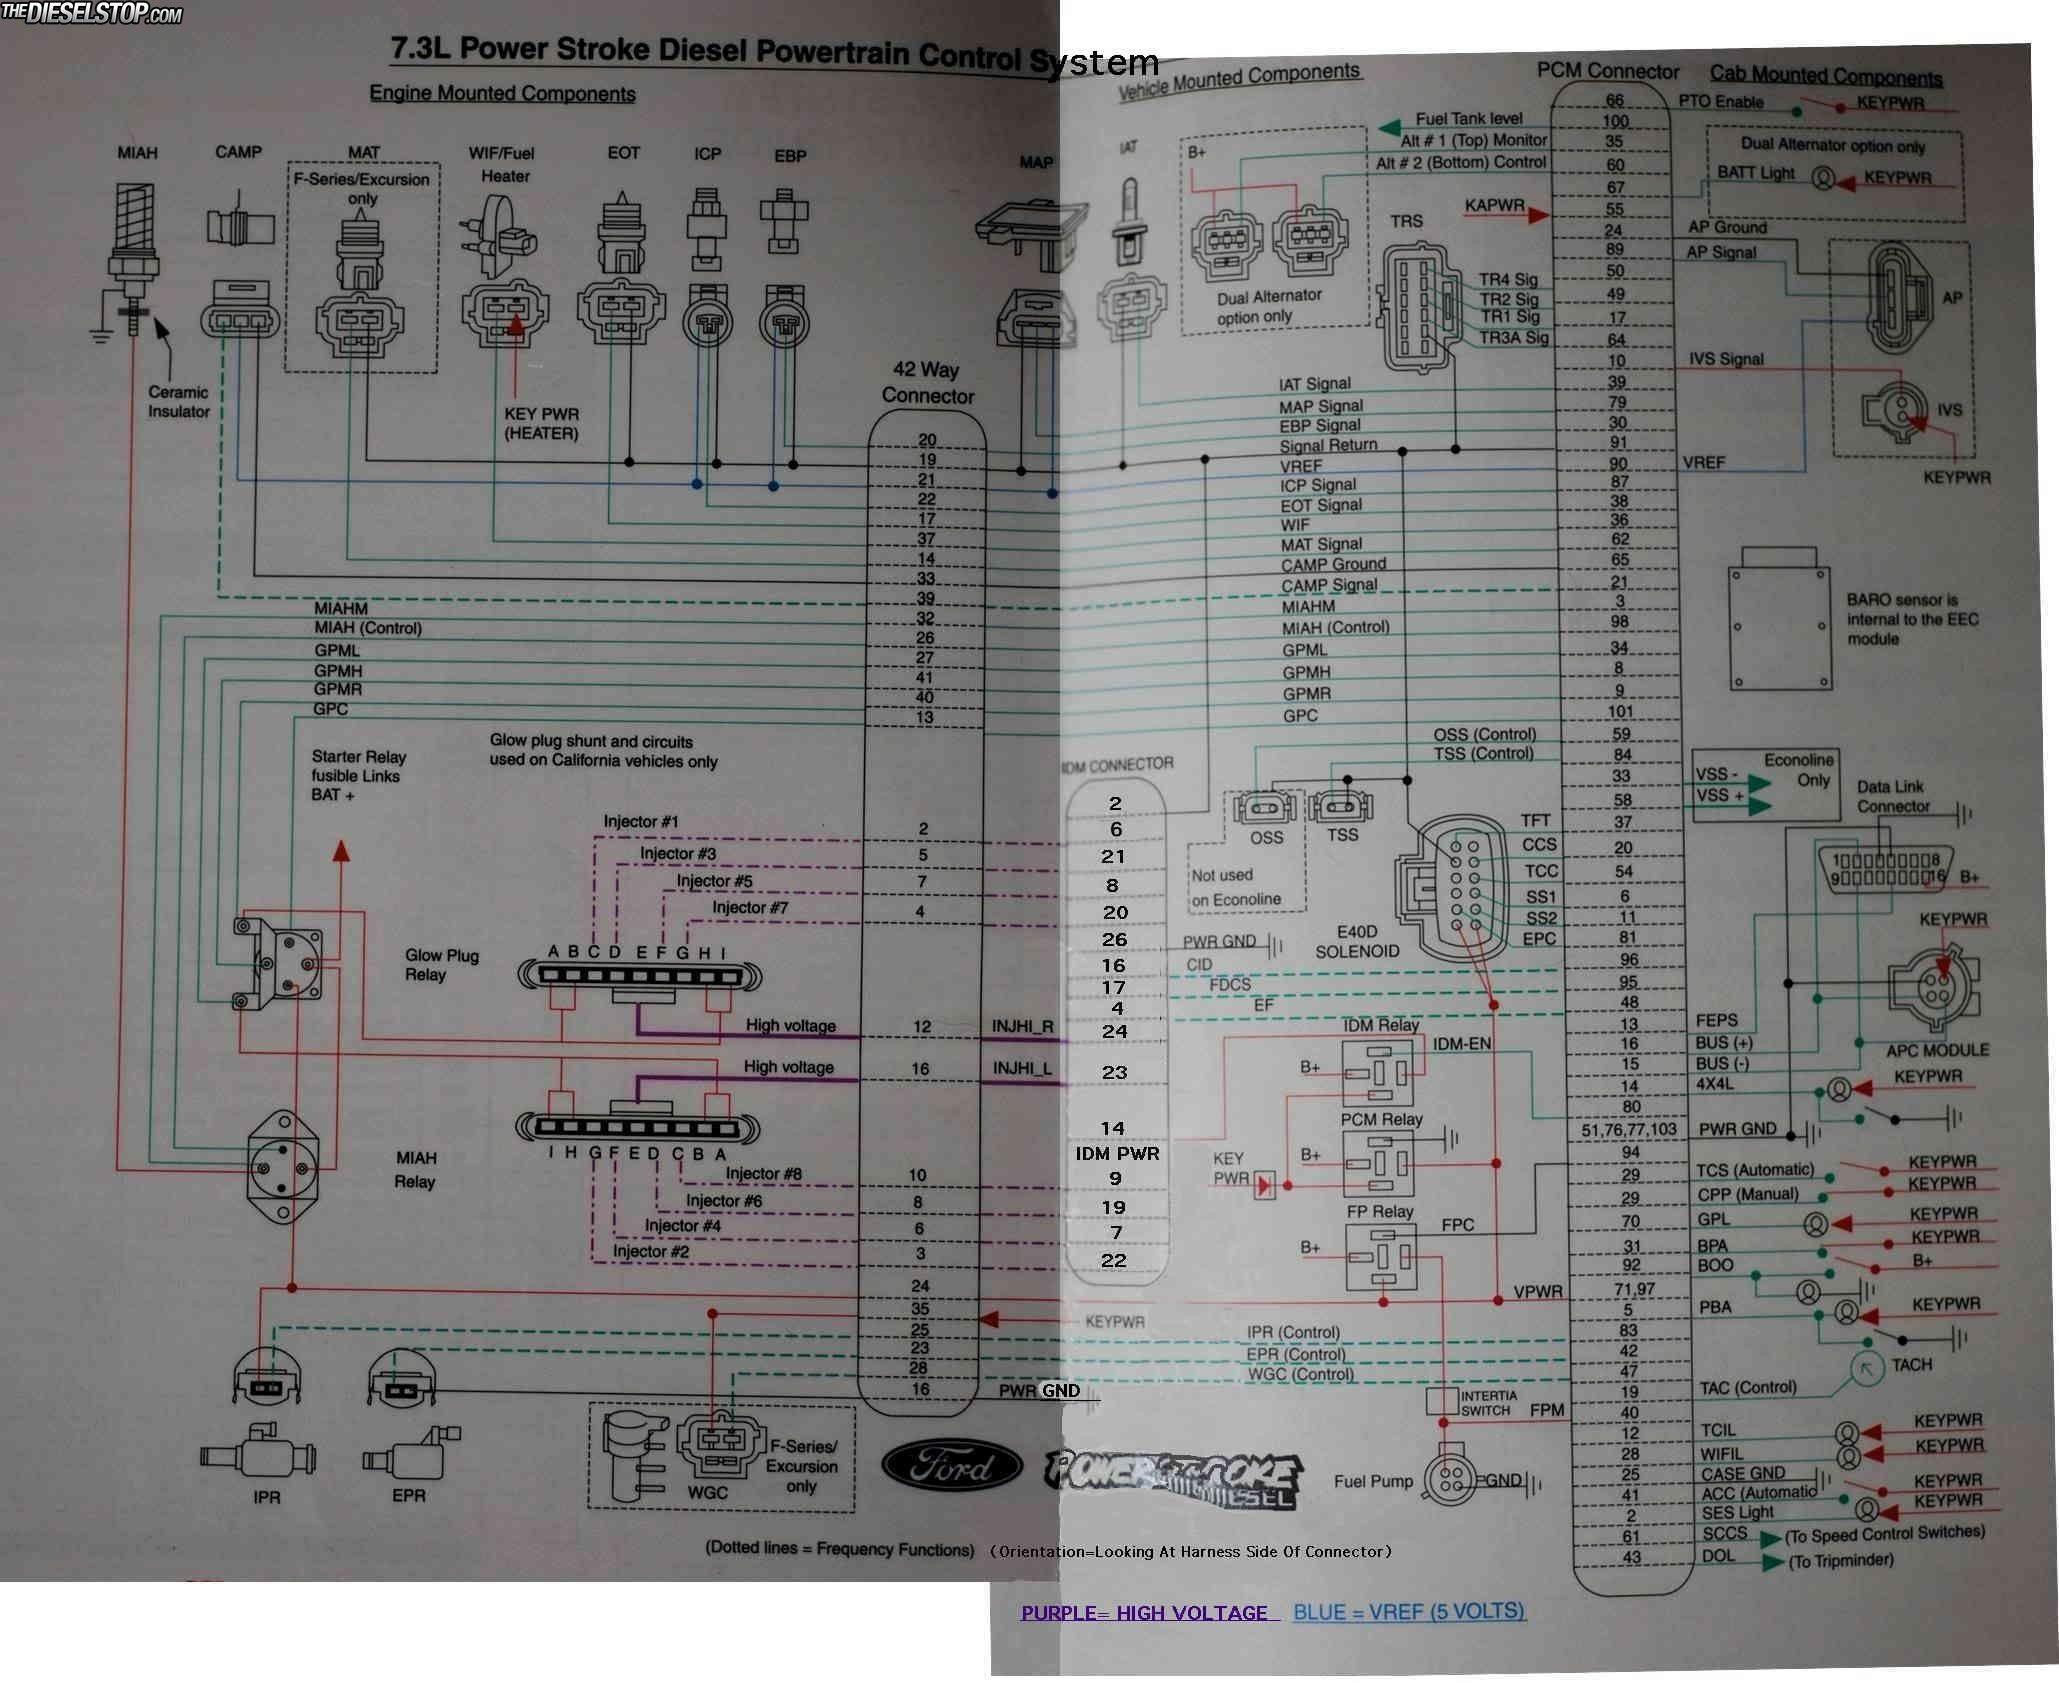 2006 Jeep Liberty Wiring Diagram A25 Trane Hvac Wiring Diagrams Model Twp036c100a1 Of 2006 Jeep Liberty Wiring Diagram